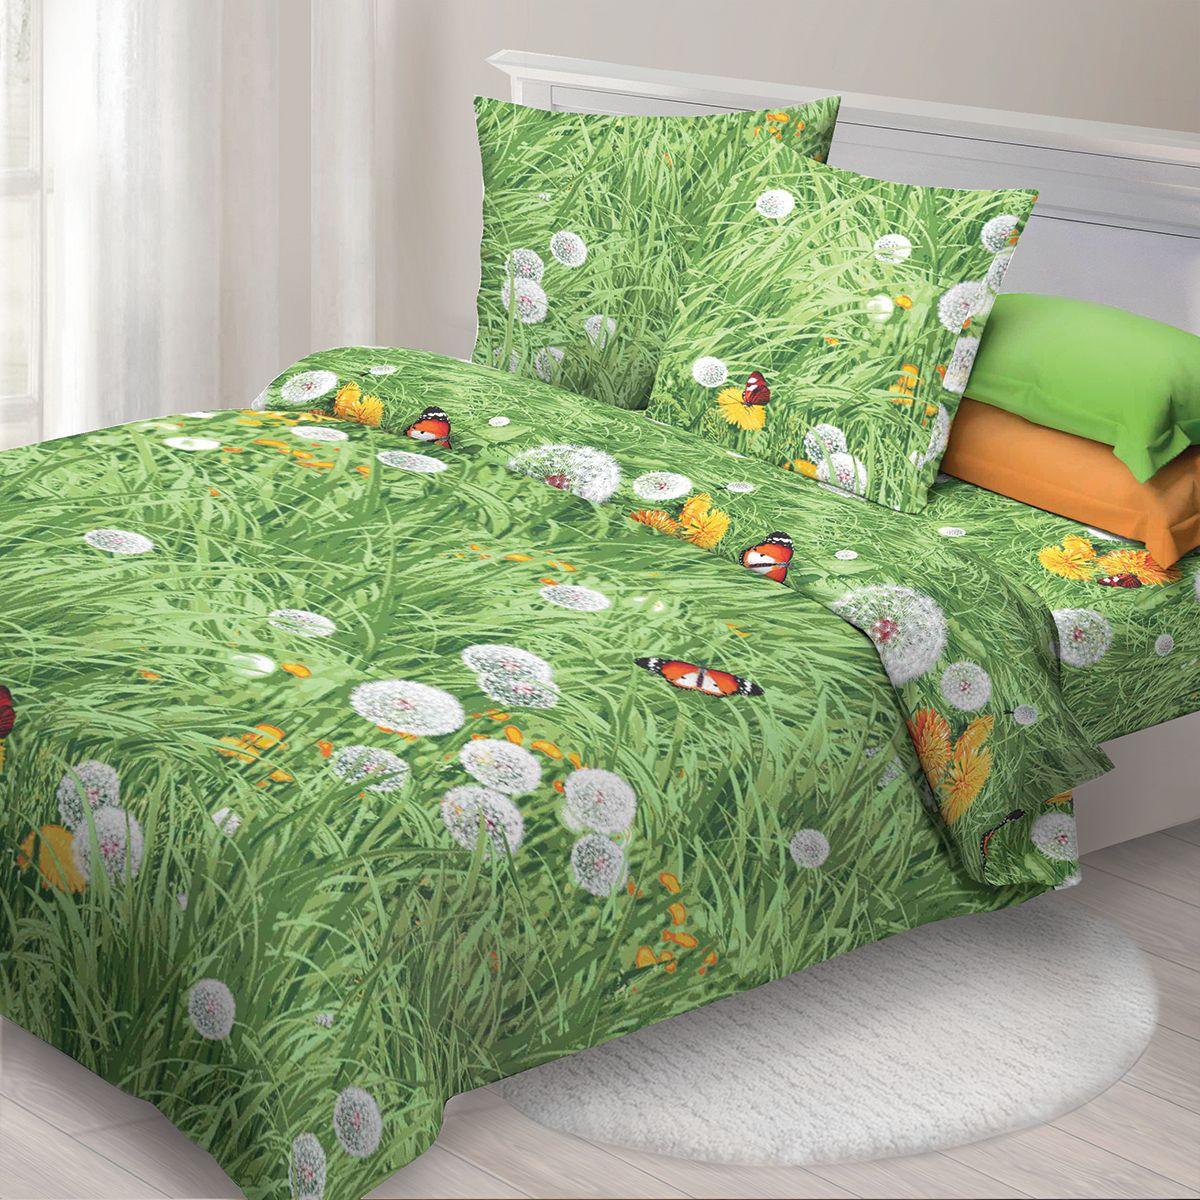 Комплект белья Спал Спалыч Одуванчики, 1,5 спальное, наволочки 70x70, цвет: зеленый. 3619-184187